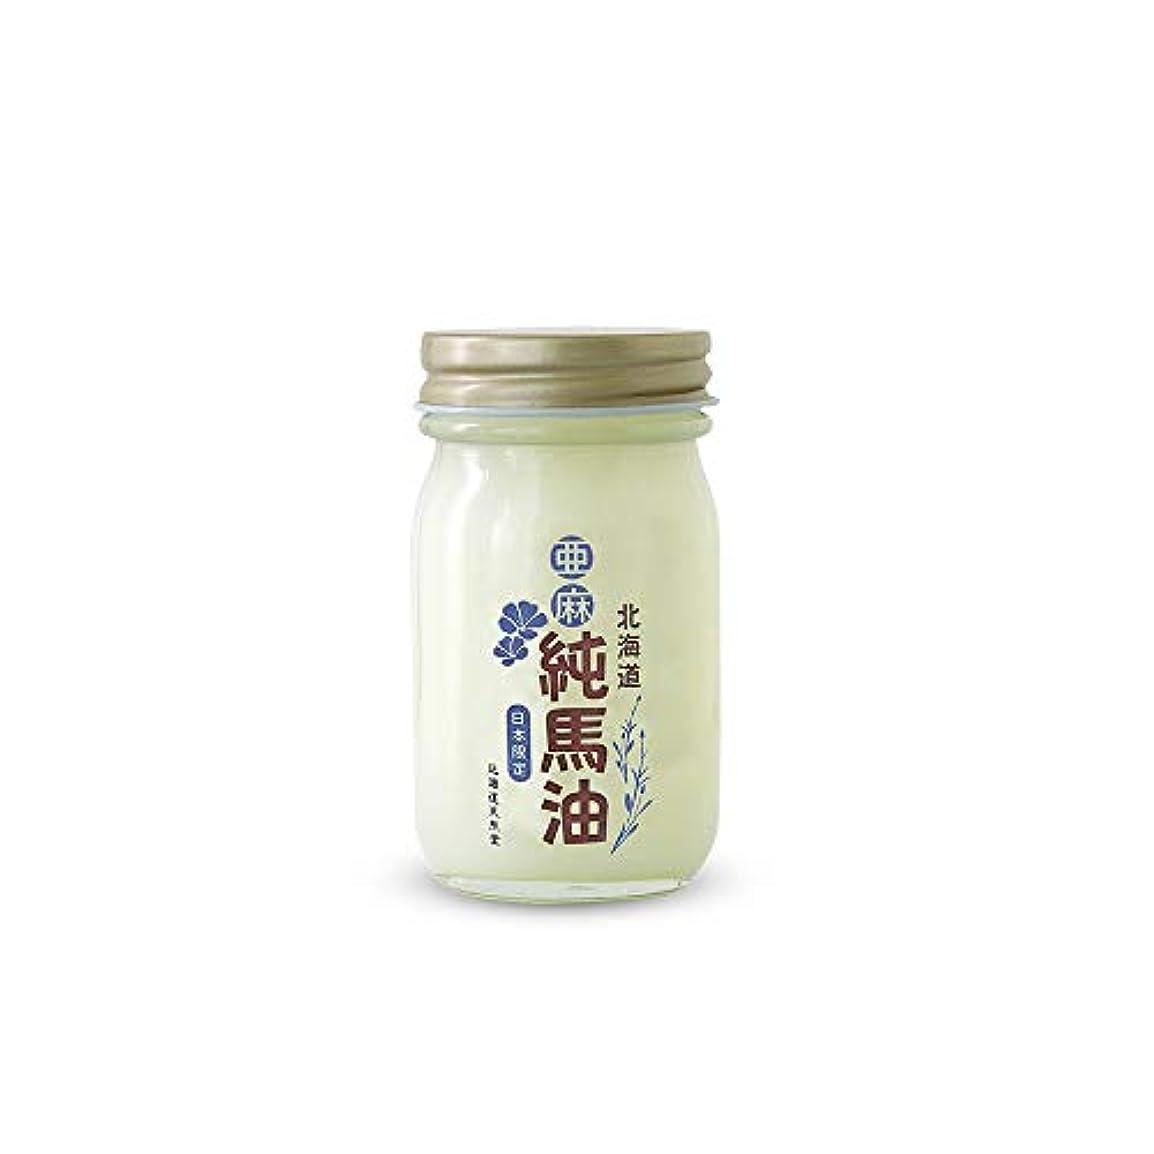 失望させるスカイ出撃者アマ純馬油 80g / 北海道天然堂